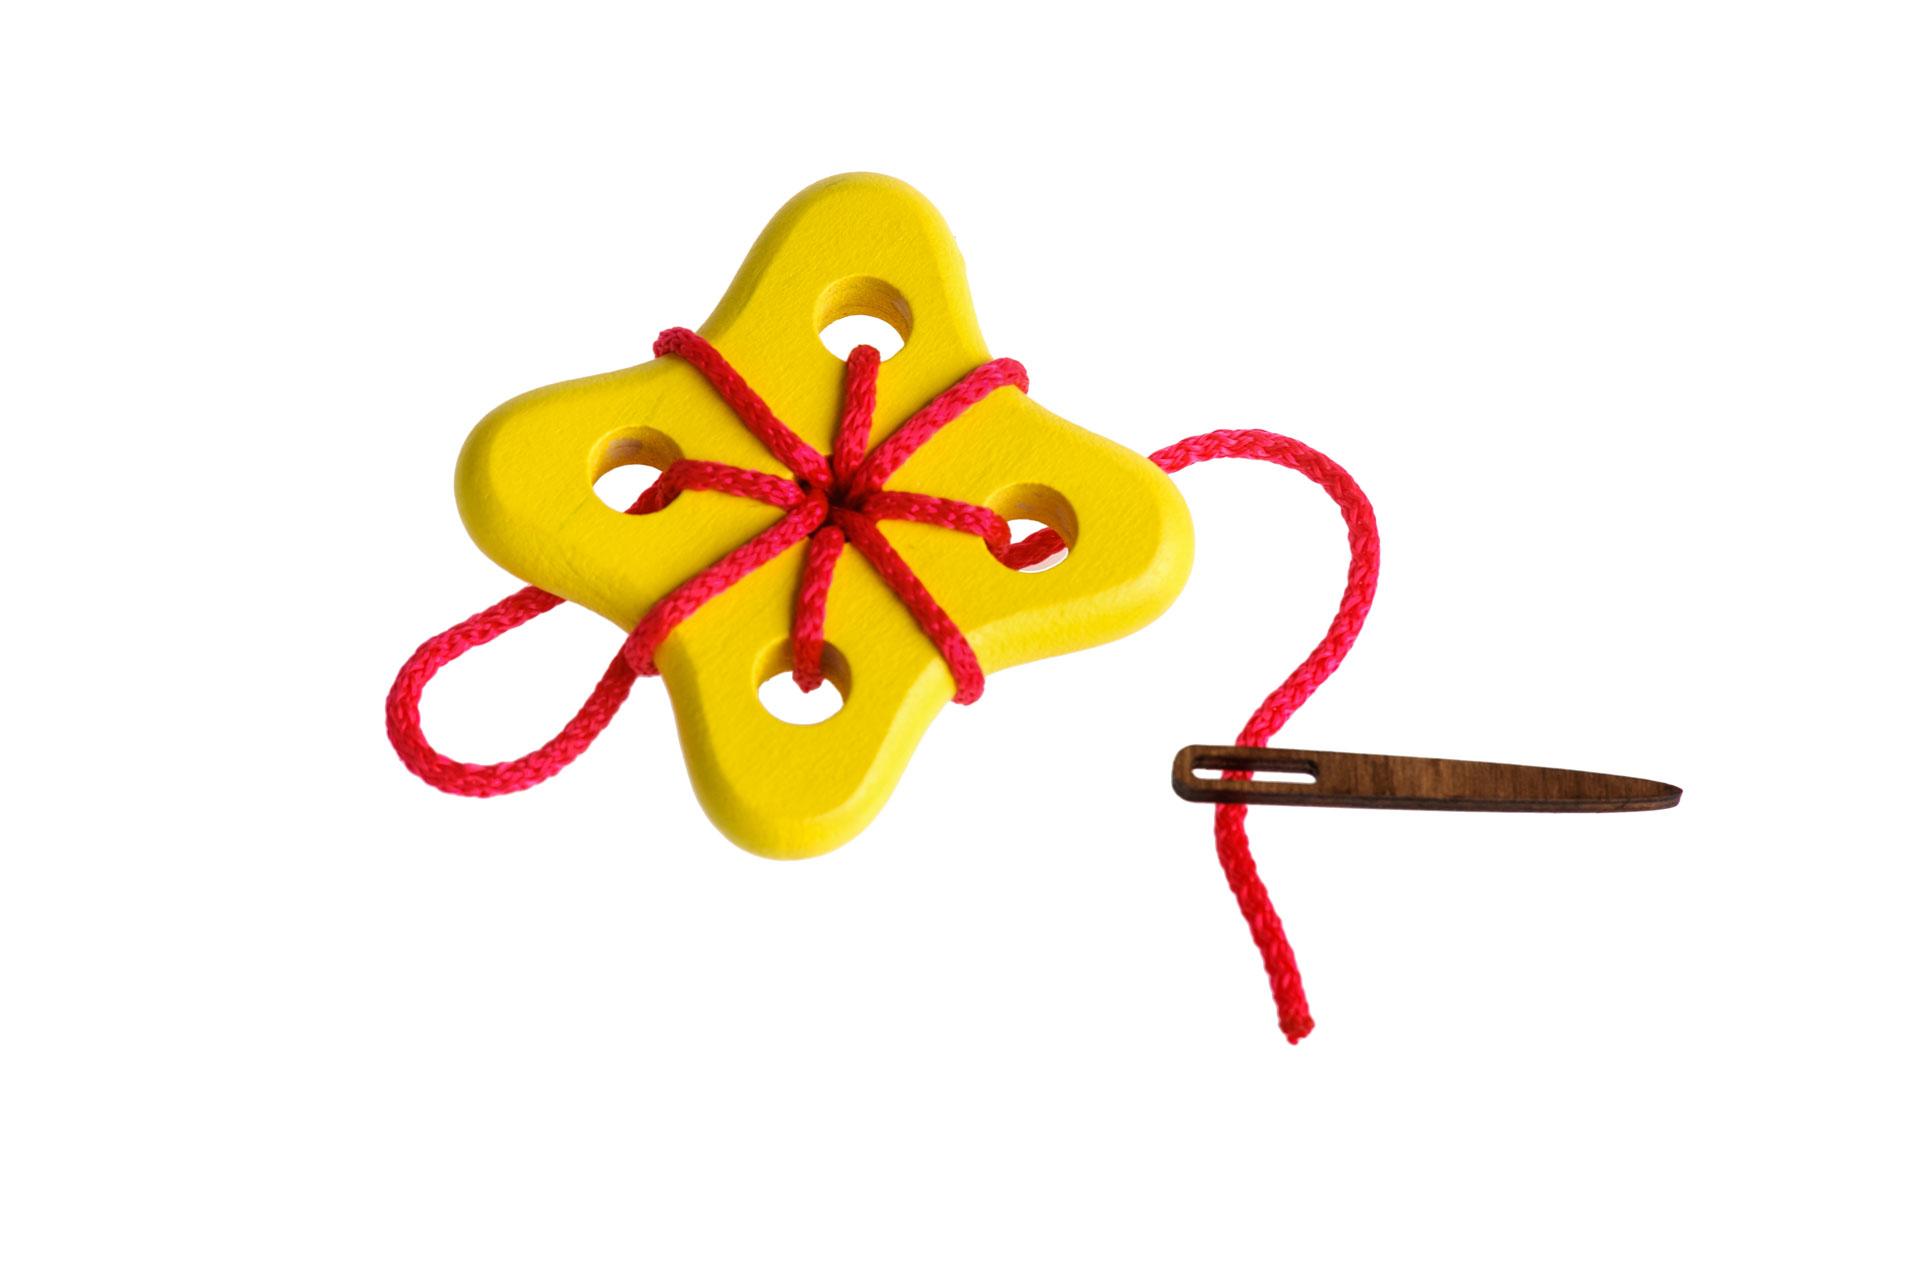 Томик Шнуровка Цветок 3610-5Забавная шнуровка для раннего развития Вашего ребенка. 100% натуральные материалы, непередаваемый запах дерева